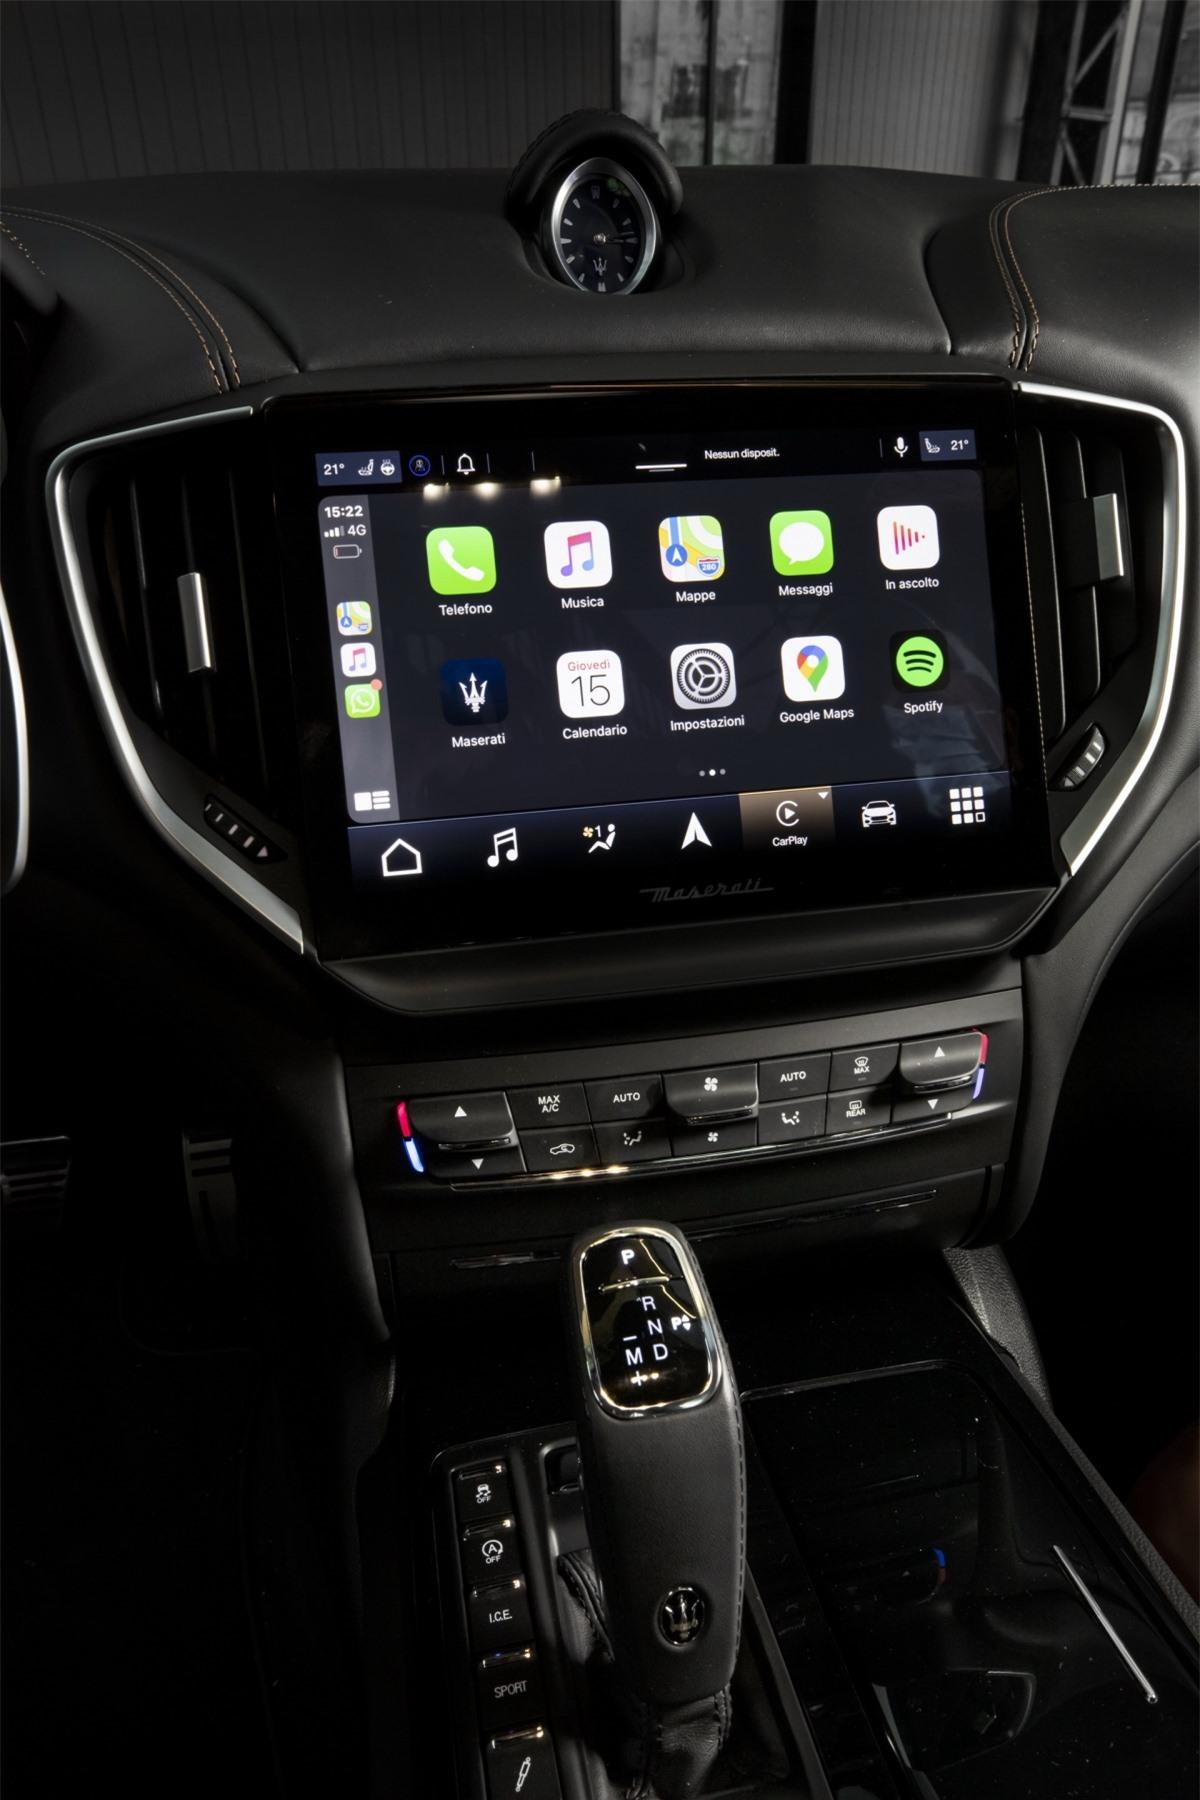 Mặt khác xe còn có hệ thống thông tin giải trí mới với màn hình có kích thước tăng từ 8,4 inch lên 10,1 inch và bảng điều khiển có đồ họa mới./.